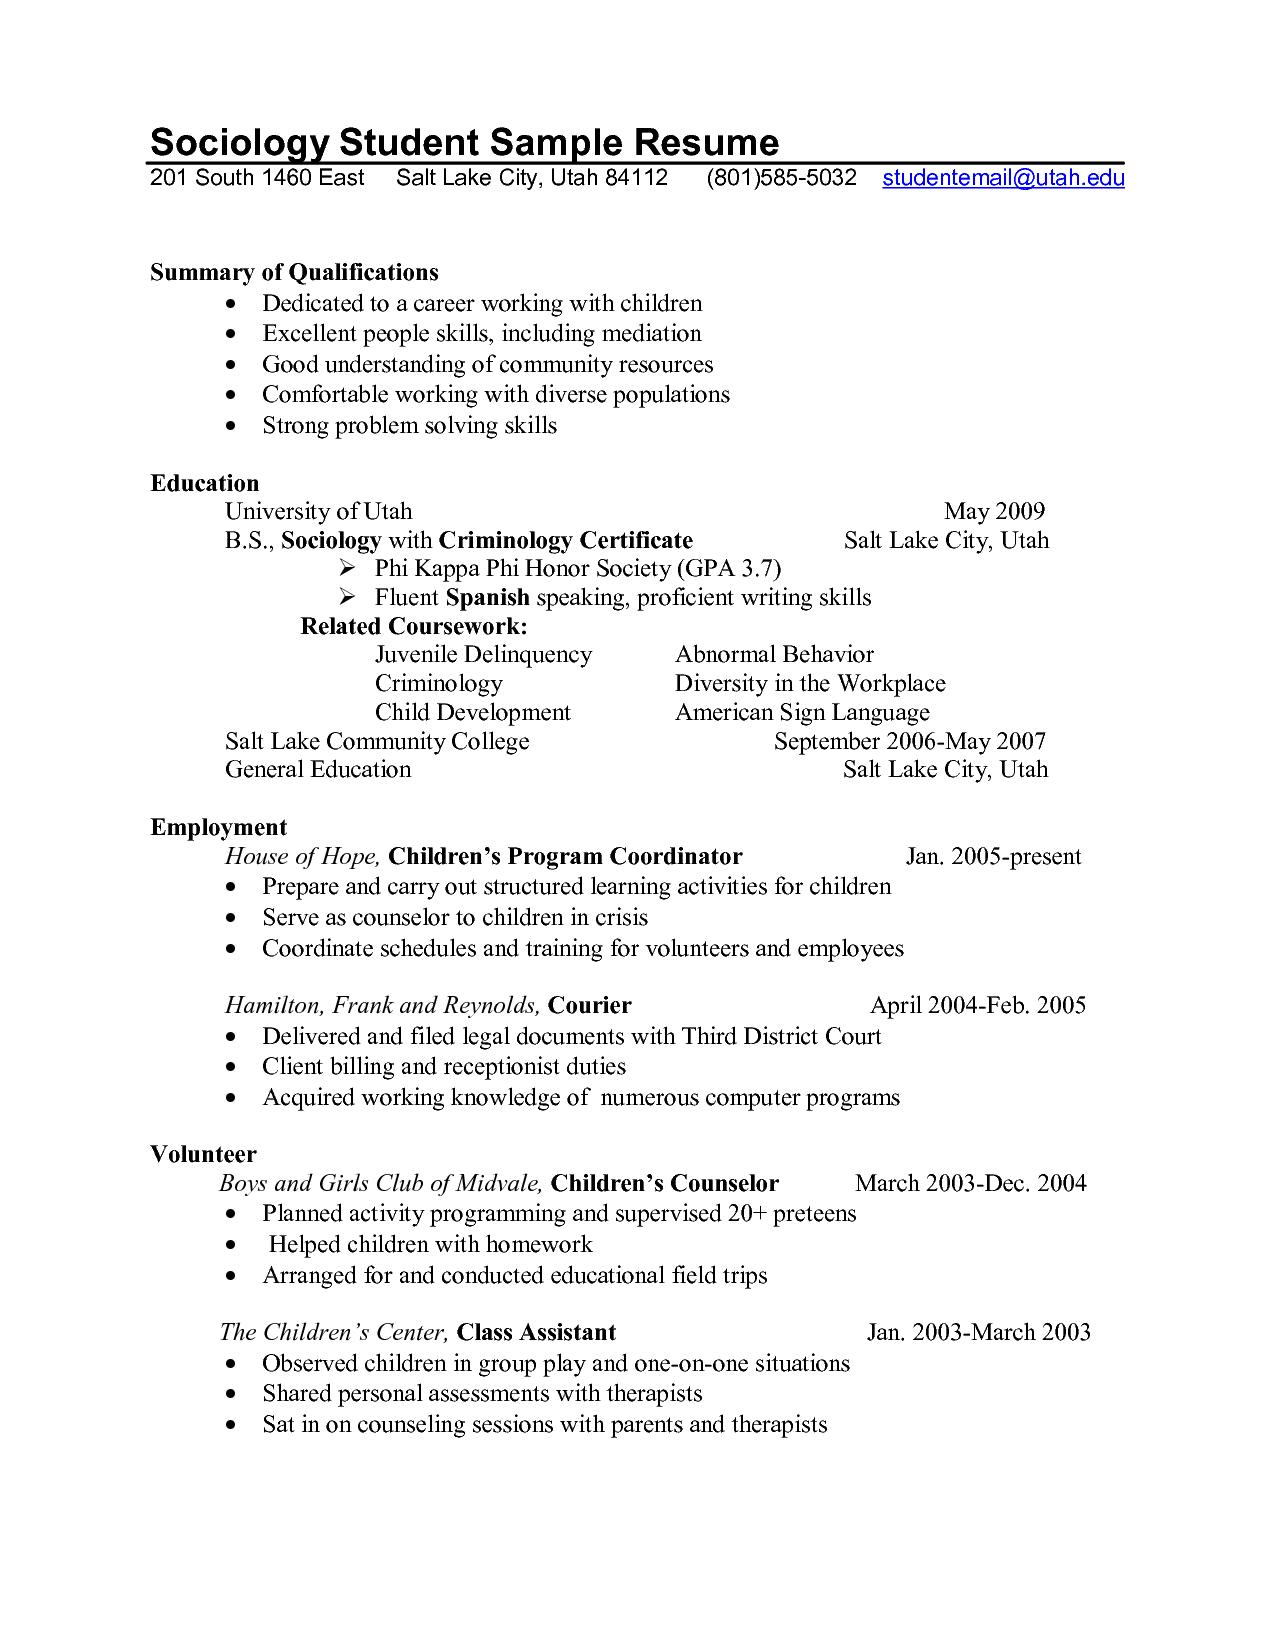 Resume Writing Services Salt Lake City Utah | resumeproducers